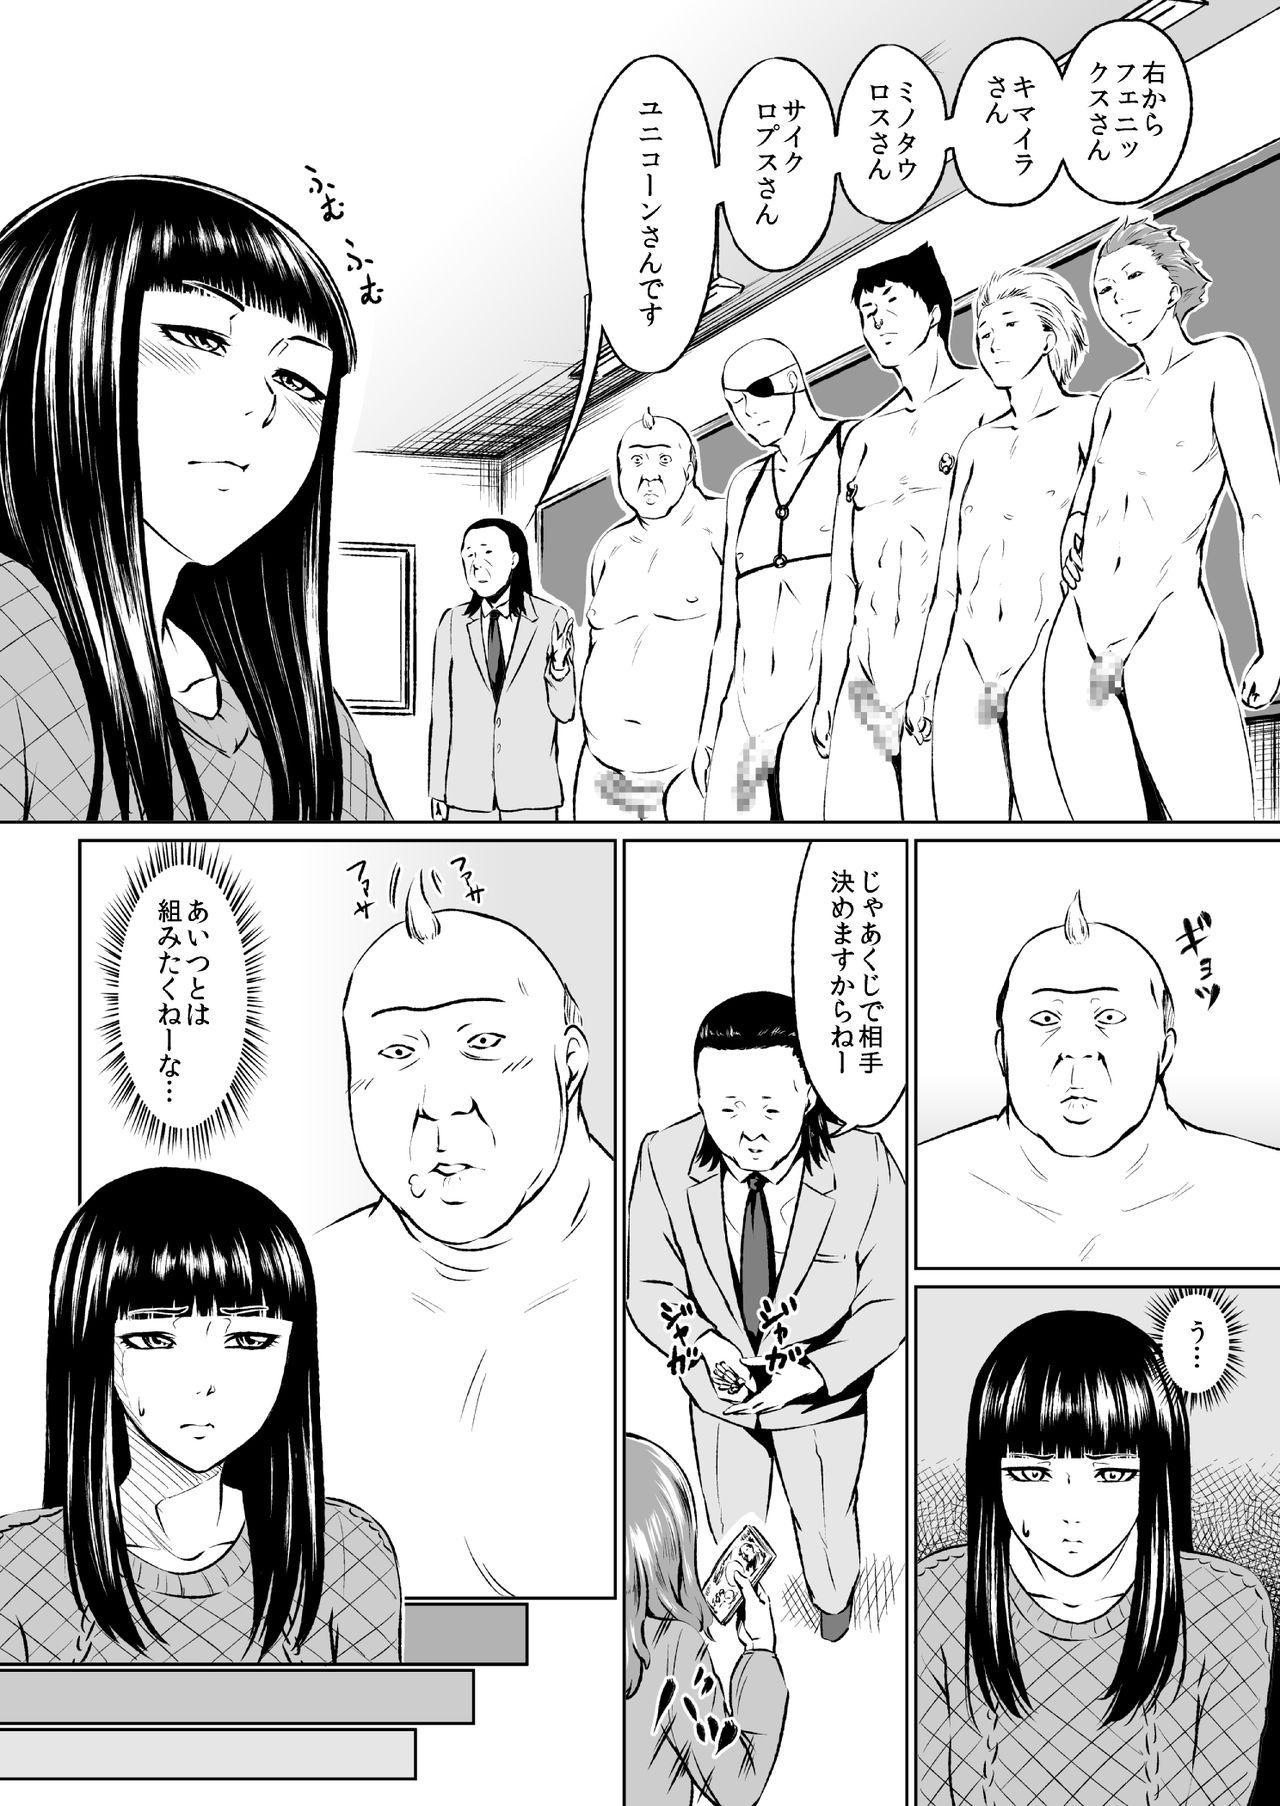 [Zenra QQ] Ero-kei Senmon Gakkou Otokoka-teki nano no 1-wa 1